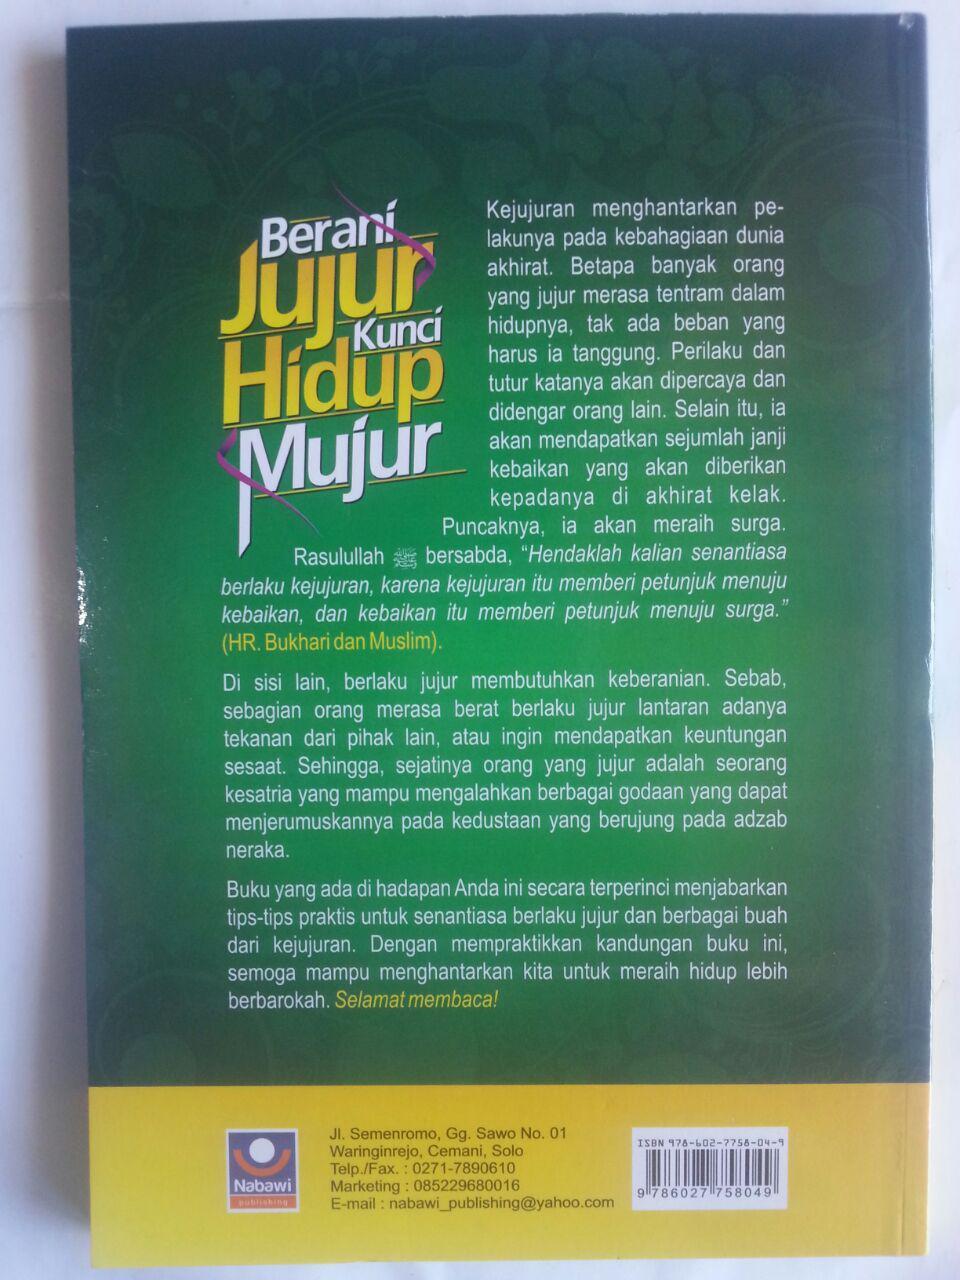 Buku Berani Jujur Kunci Hidup Mujur Tips Praktis cover